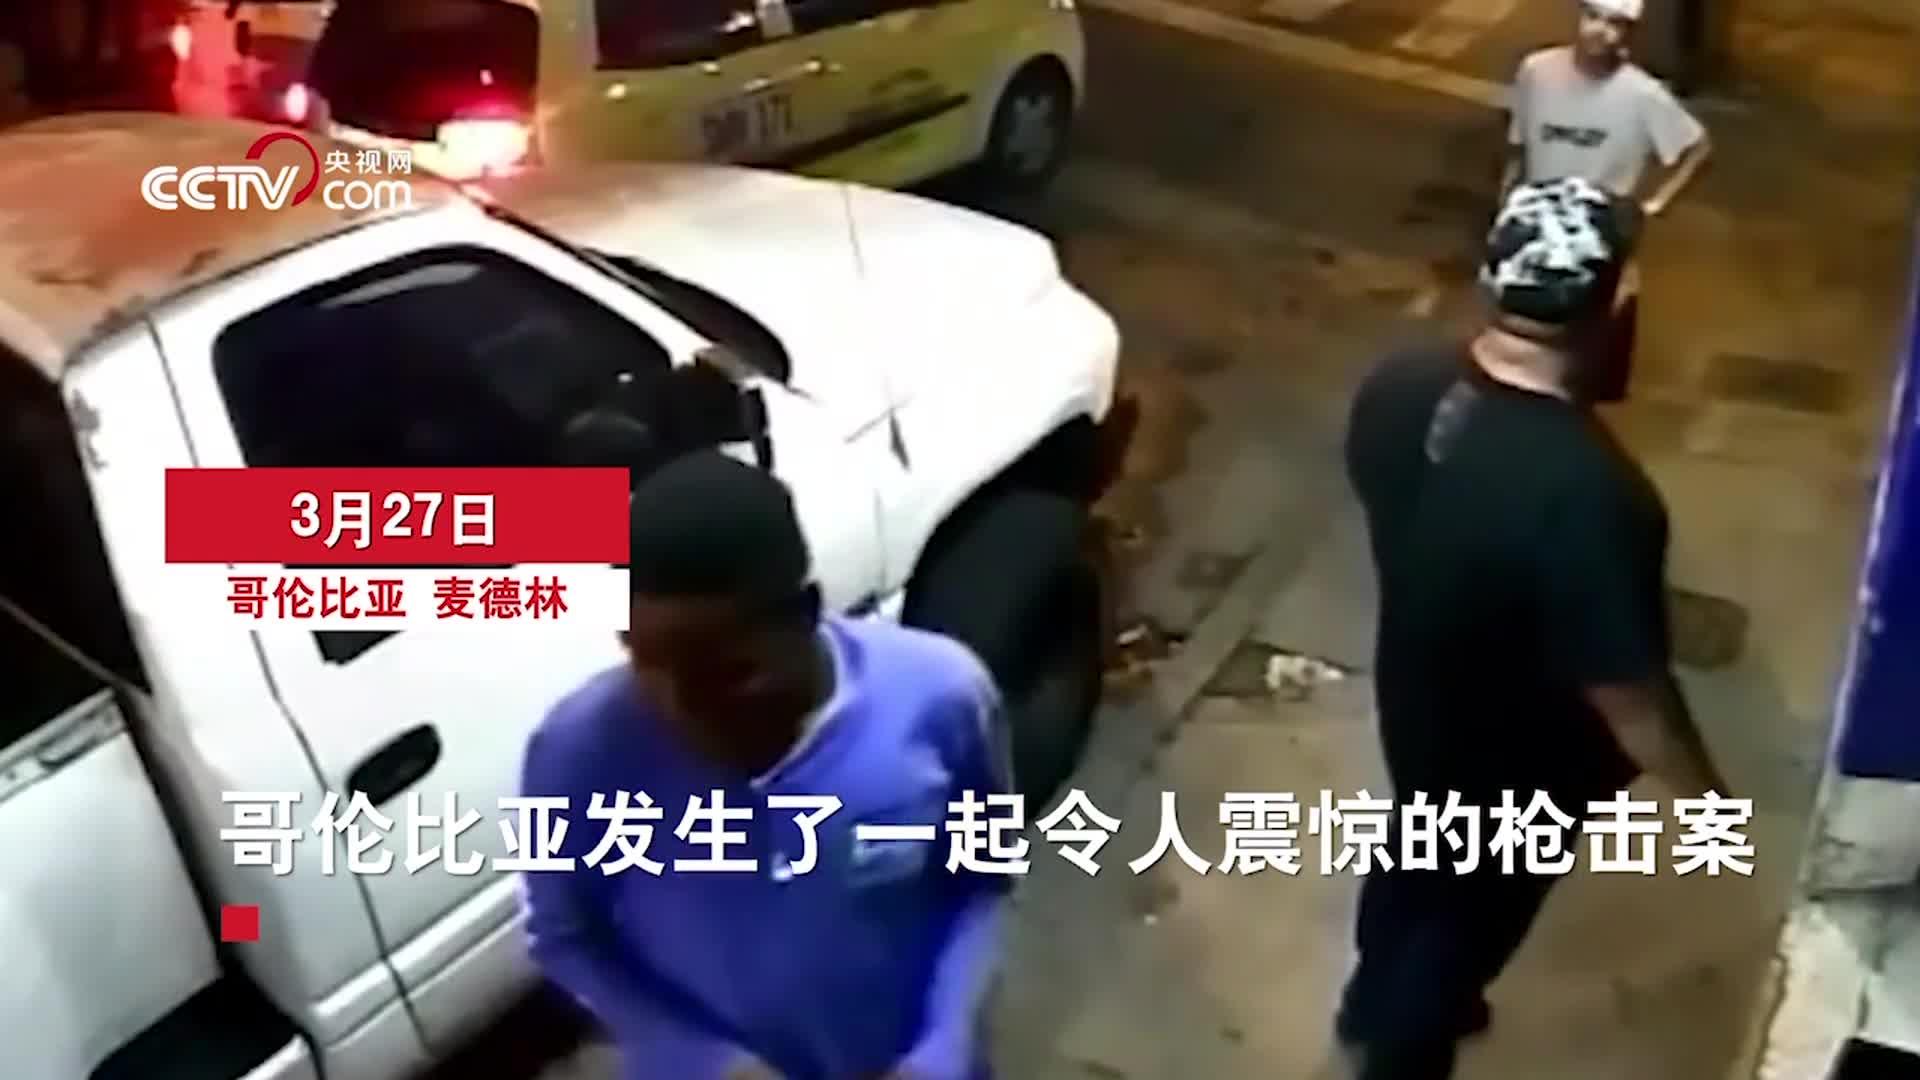 [视频]哥伦比亚14岁少年当街枪杀2人 已身背至少10起命案